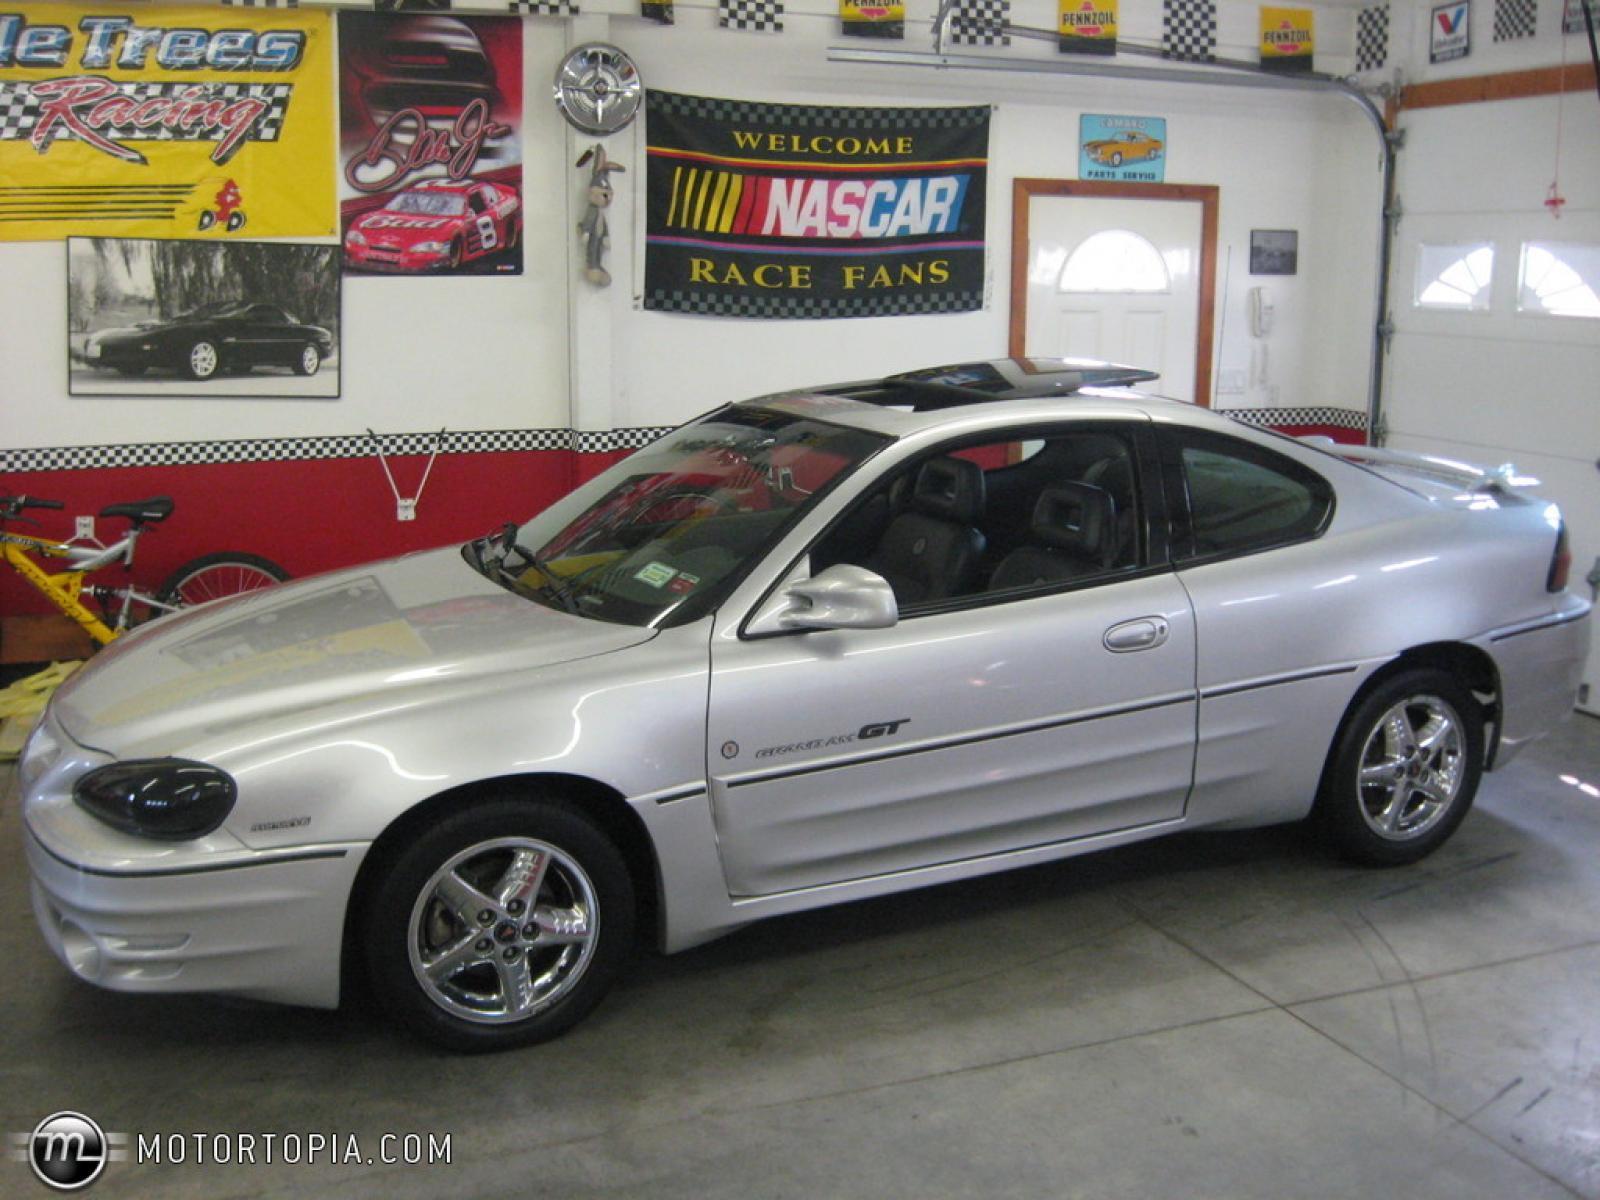 2001 Pontiac Grand Am #1 800 1024 1280 1600 origin